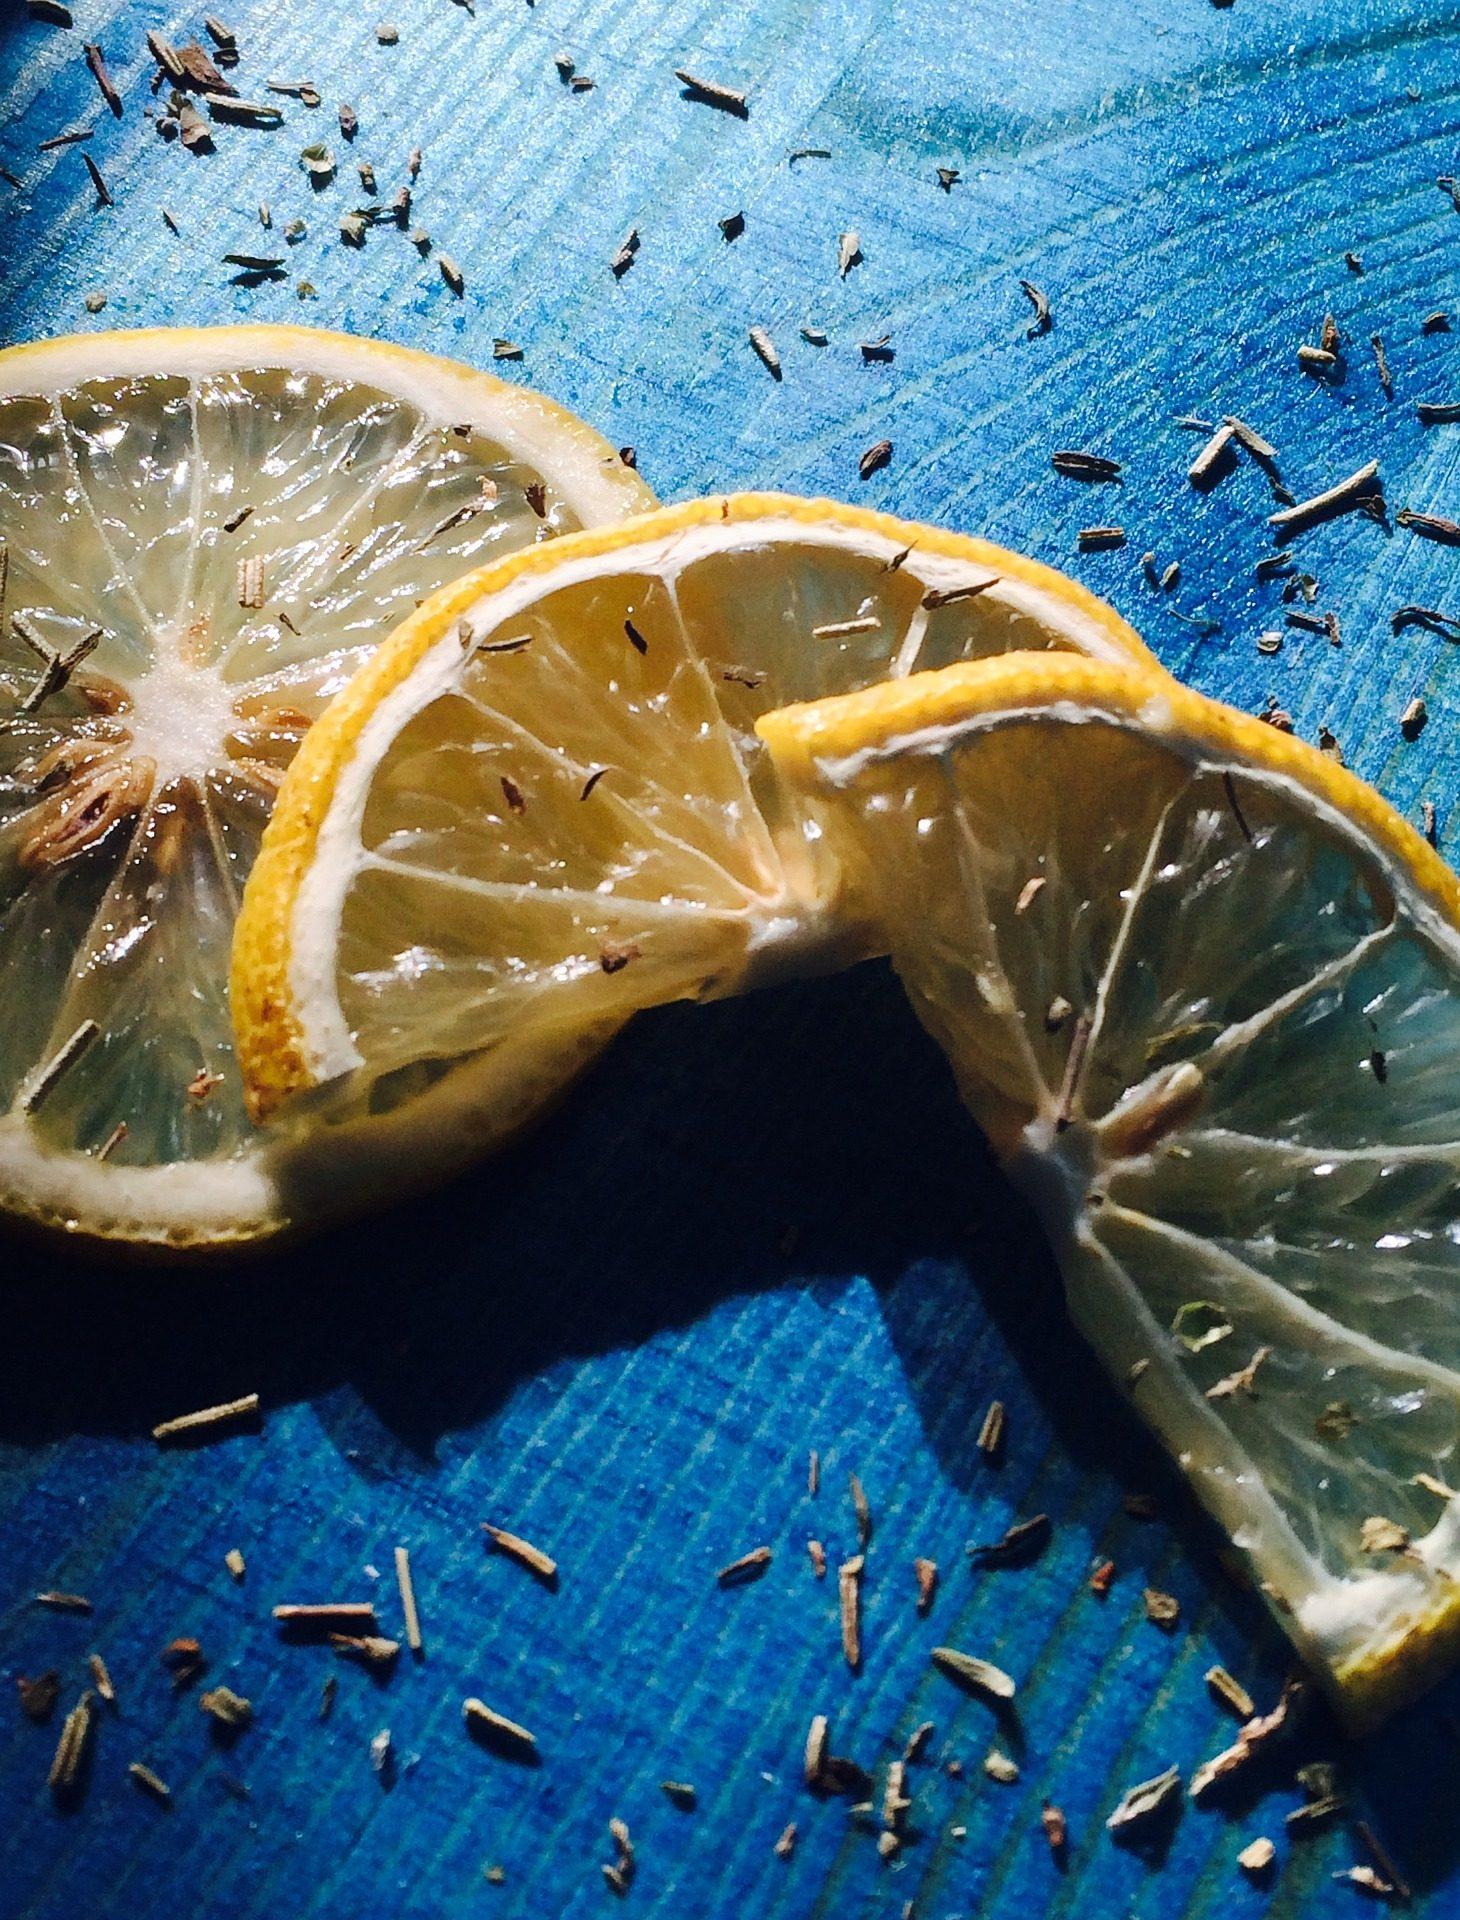 柠檬, 切片, 香料, 草药, 芳香族, 木材 - 高清壁纸 - 教授-falken.com